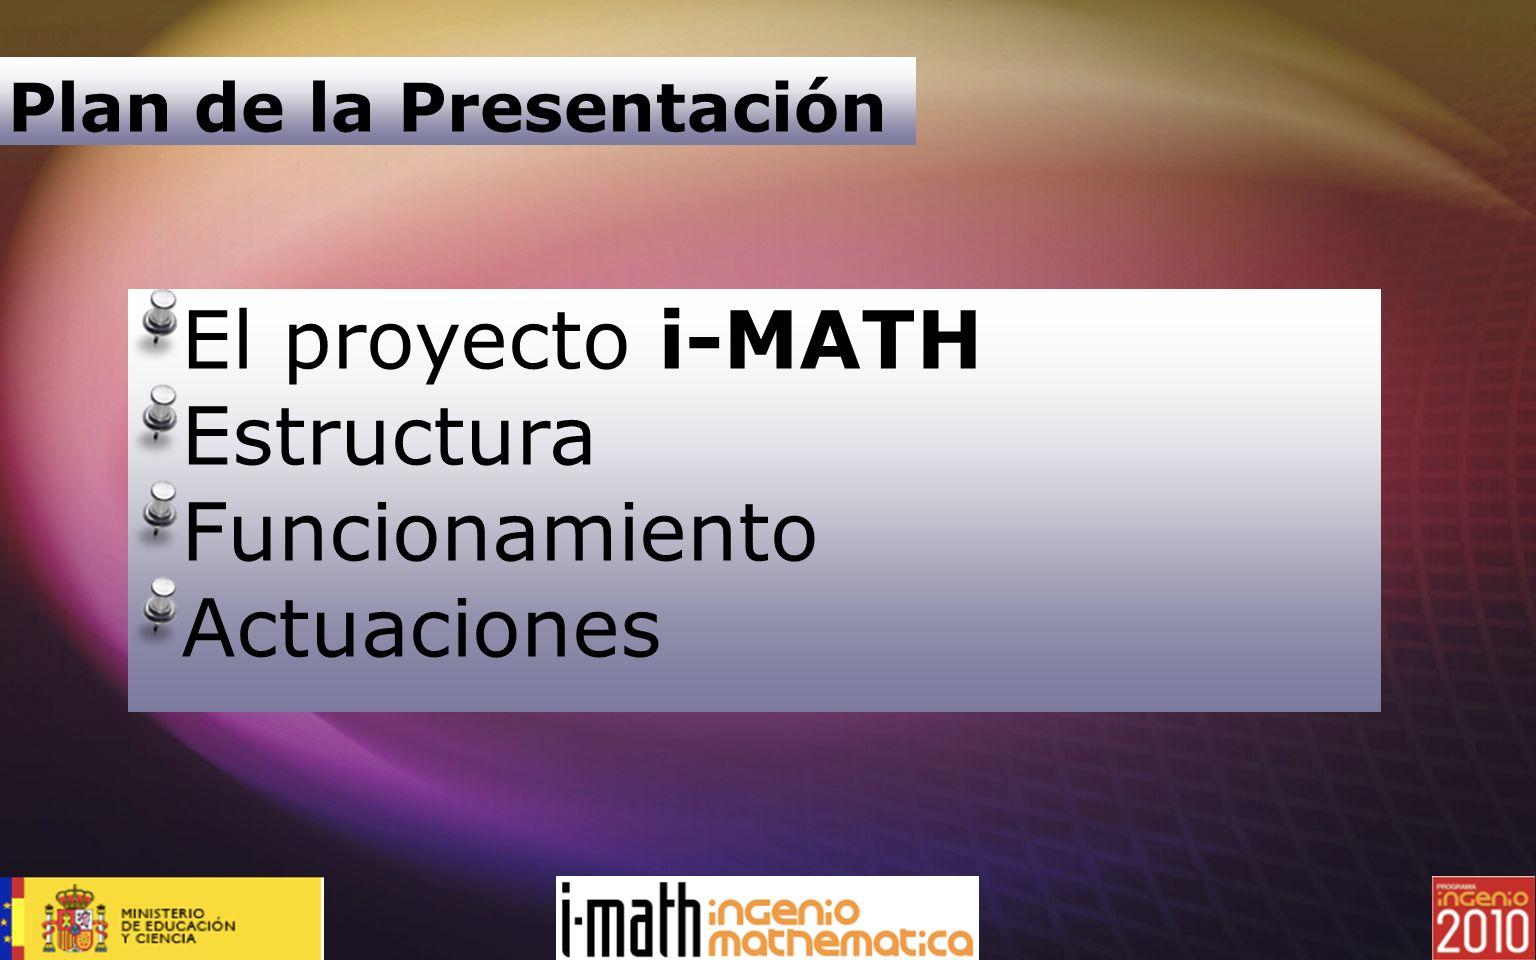 Plan de la Presentación El proyecto i-MATH Estructura Funcionamiento Actuaciones